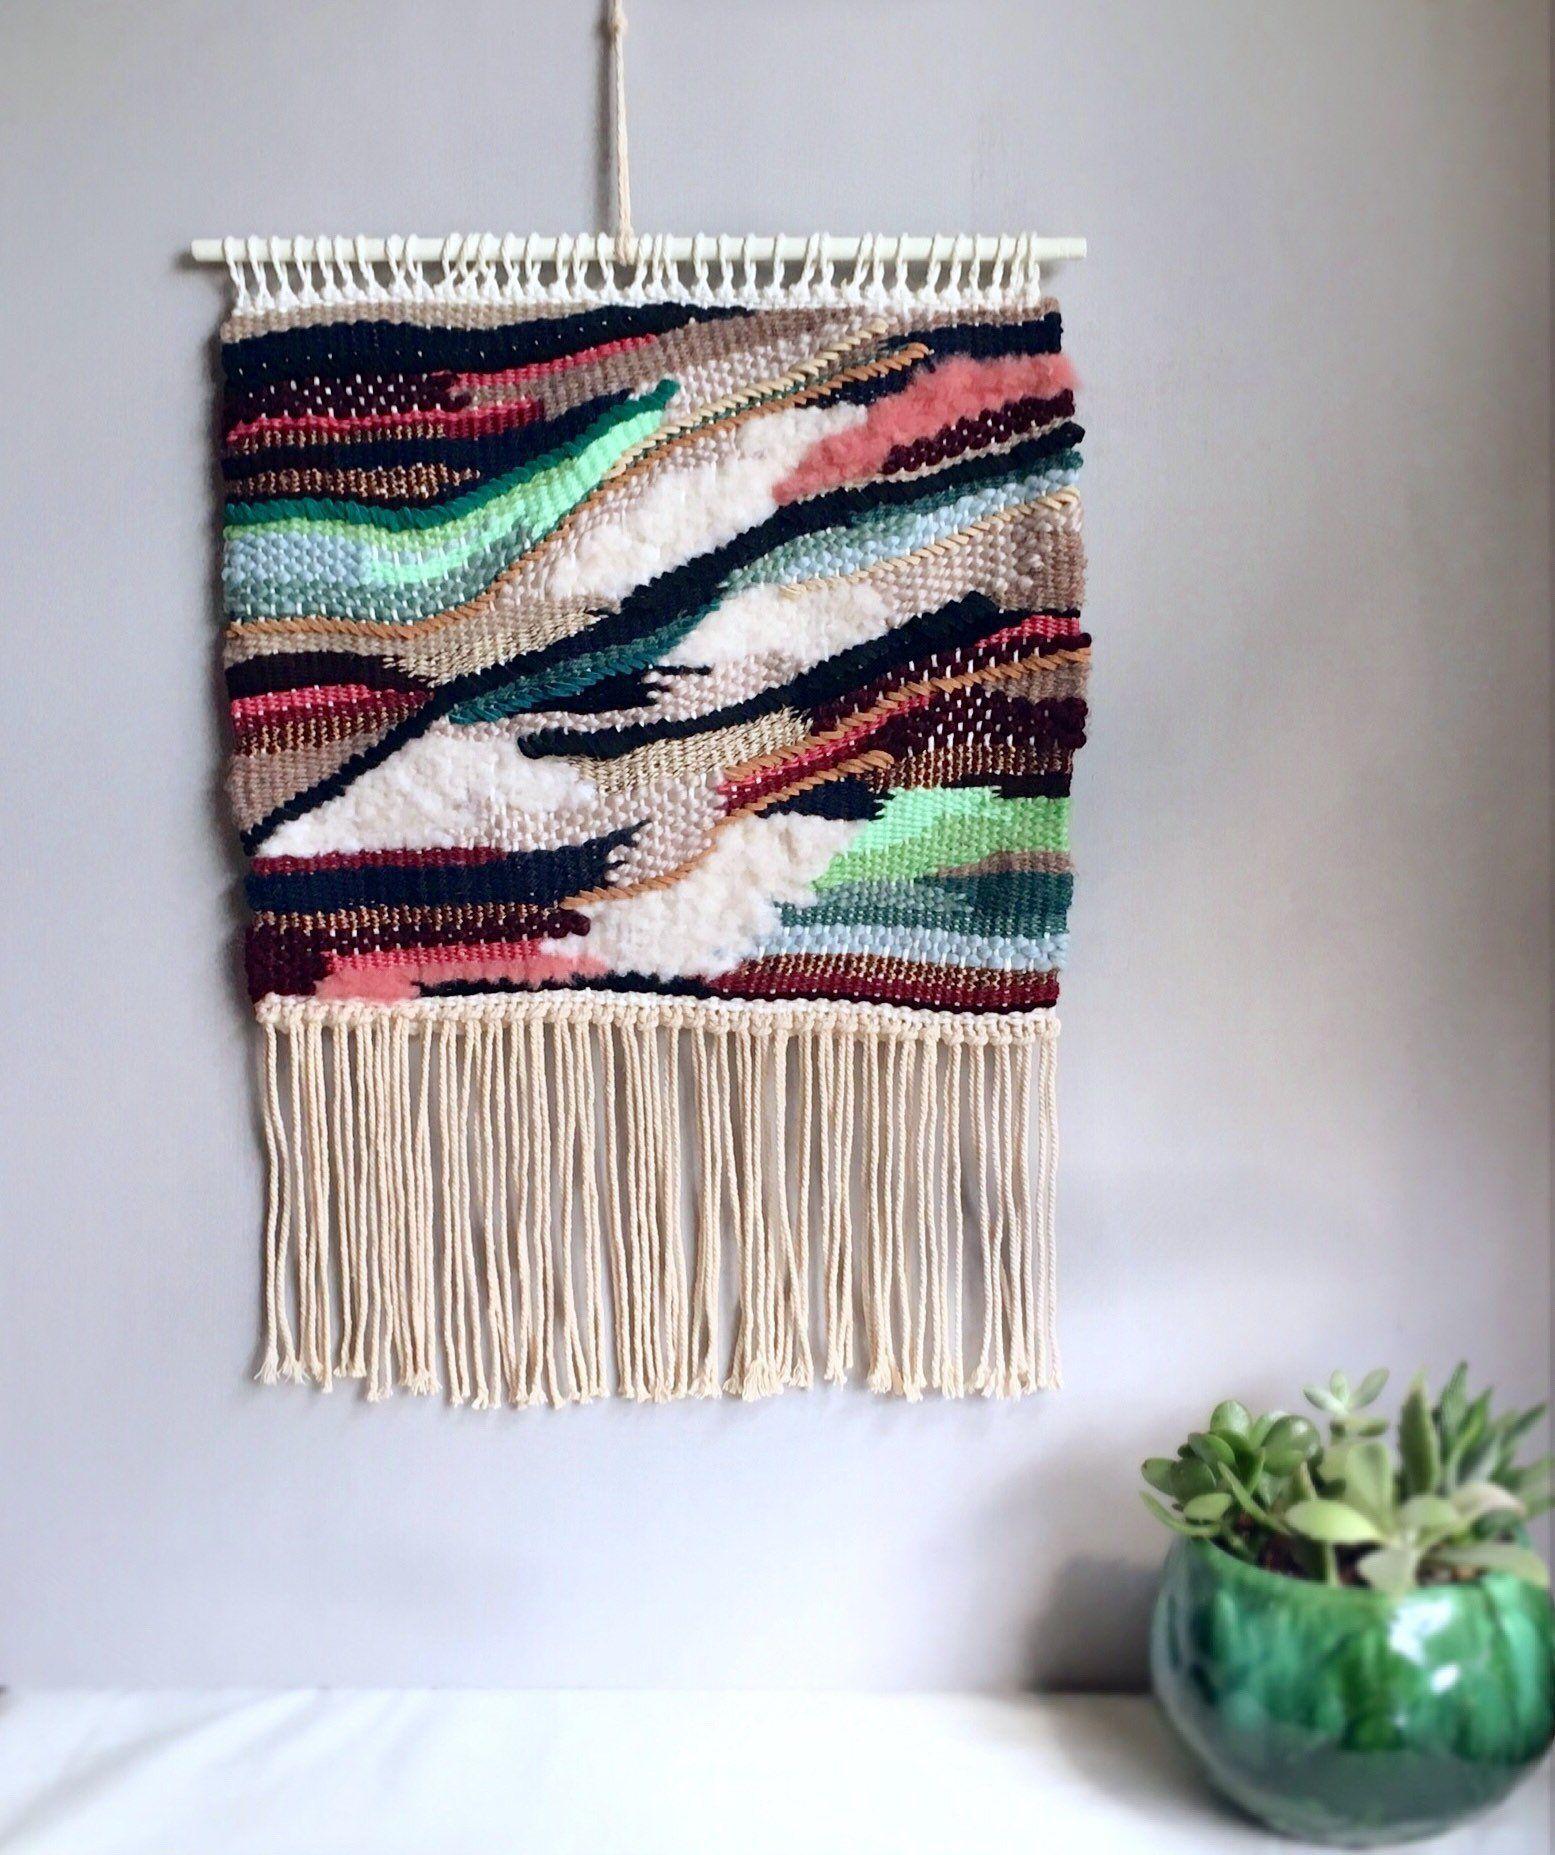 Woven Wall Hanging Tapestry Wall Hanging Modern Weaving Fiber Art Textile Art Handwoven Boho D Woven Wall Hanging Tapestry Wall Hanging Wall Tapestry